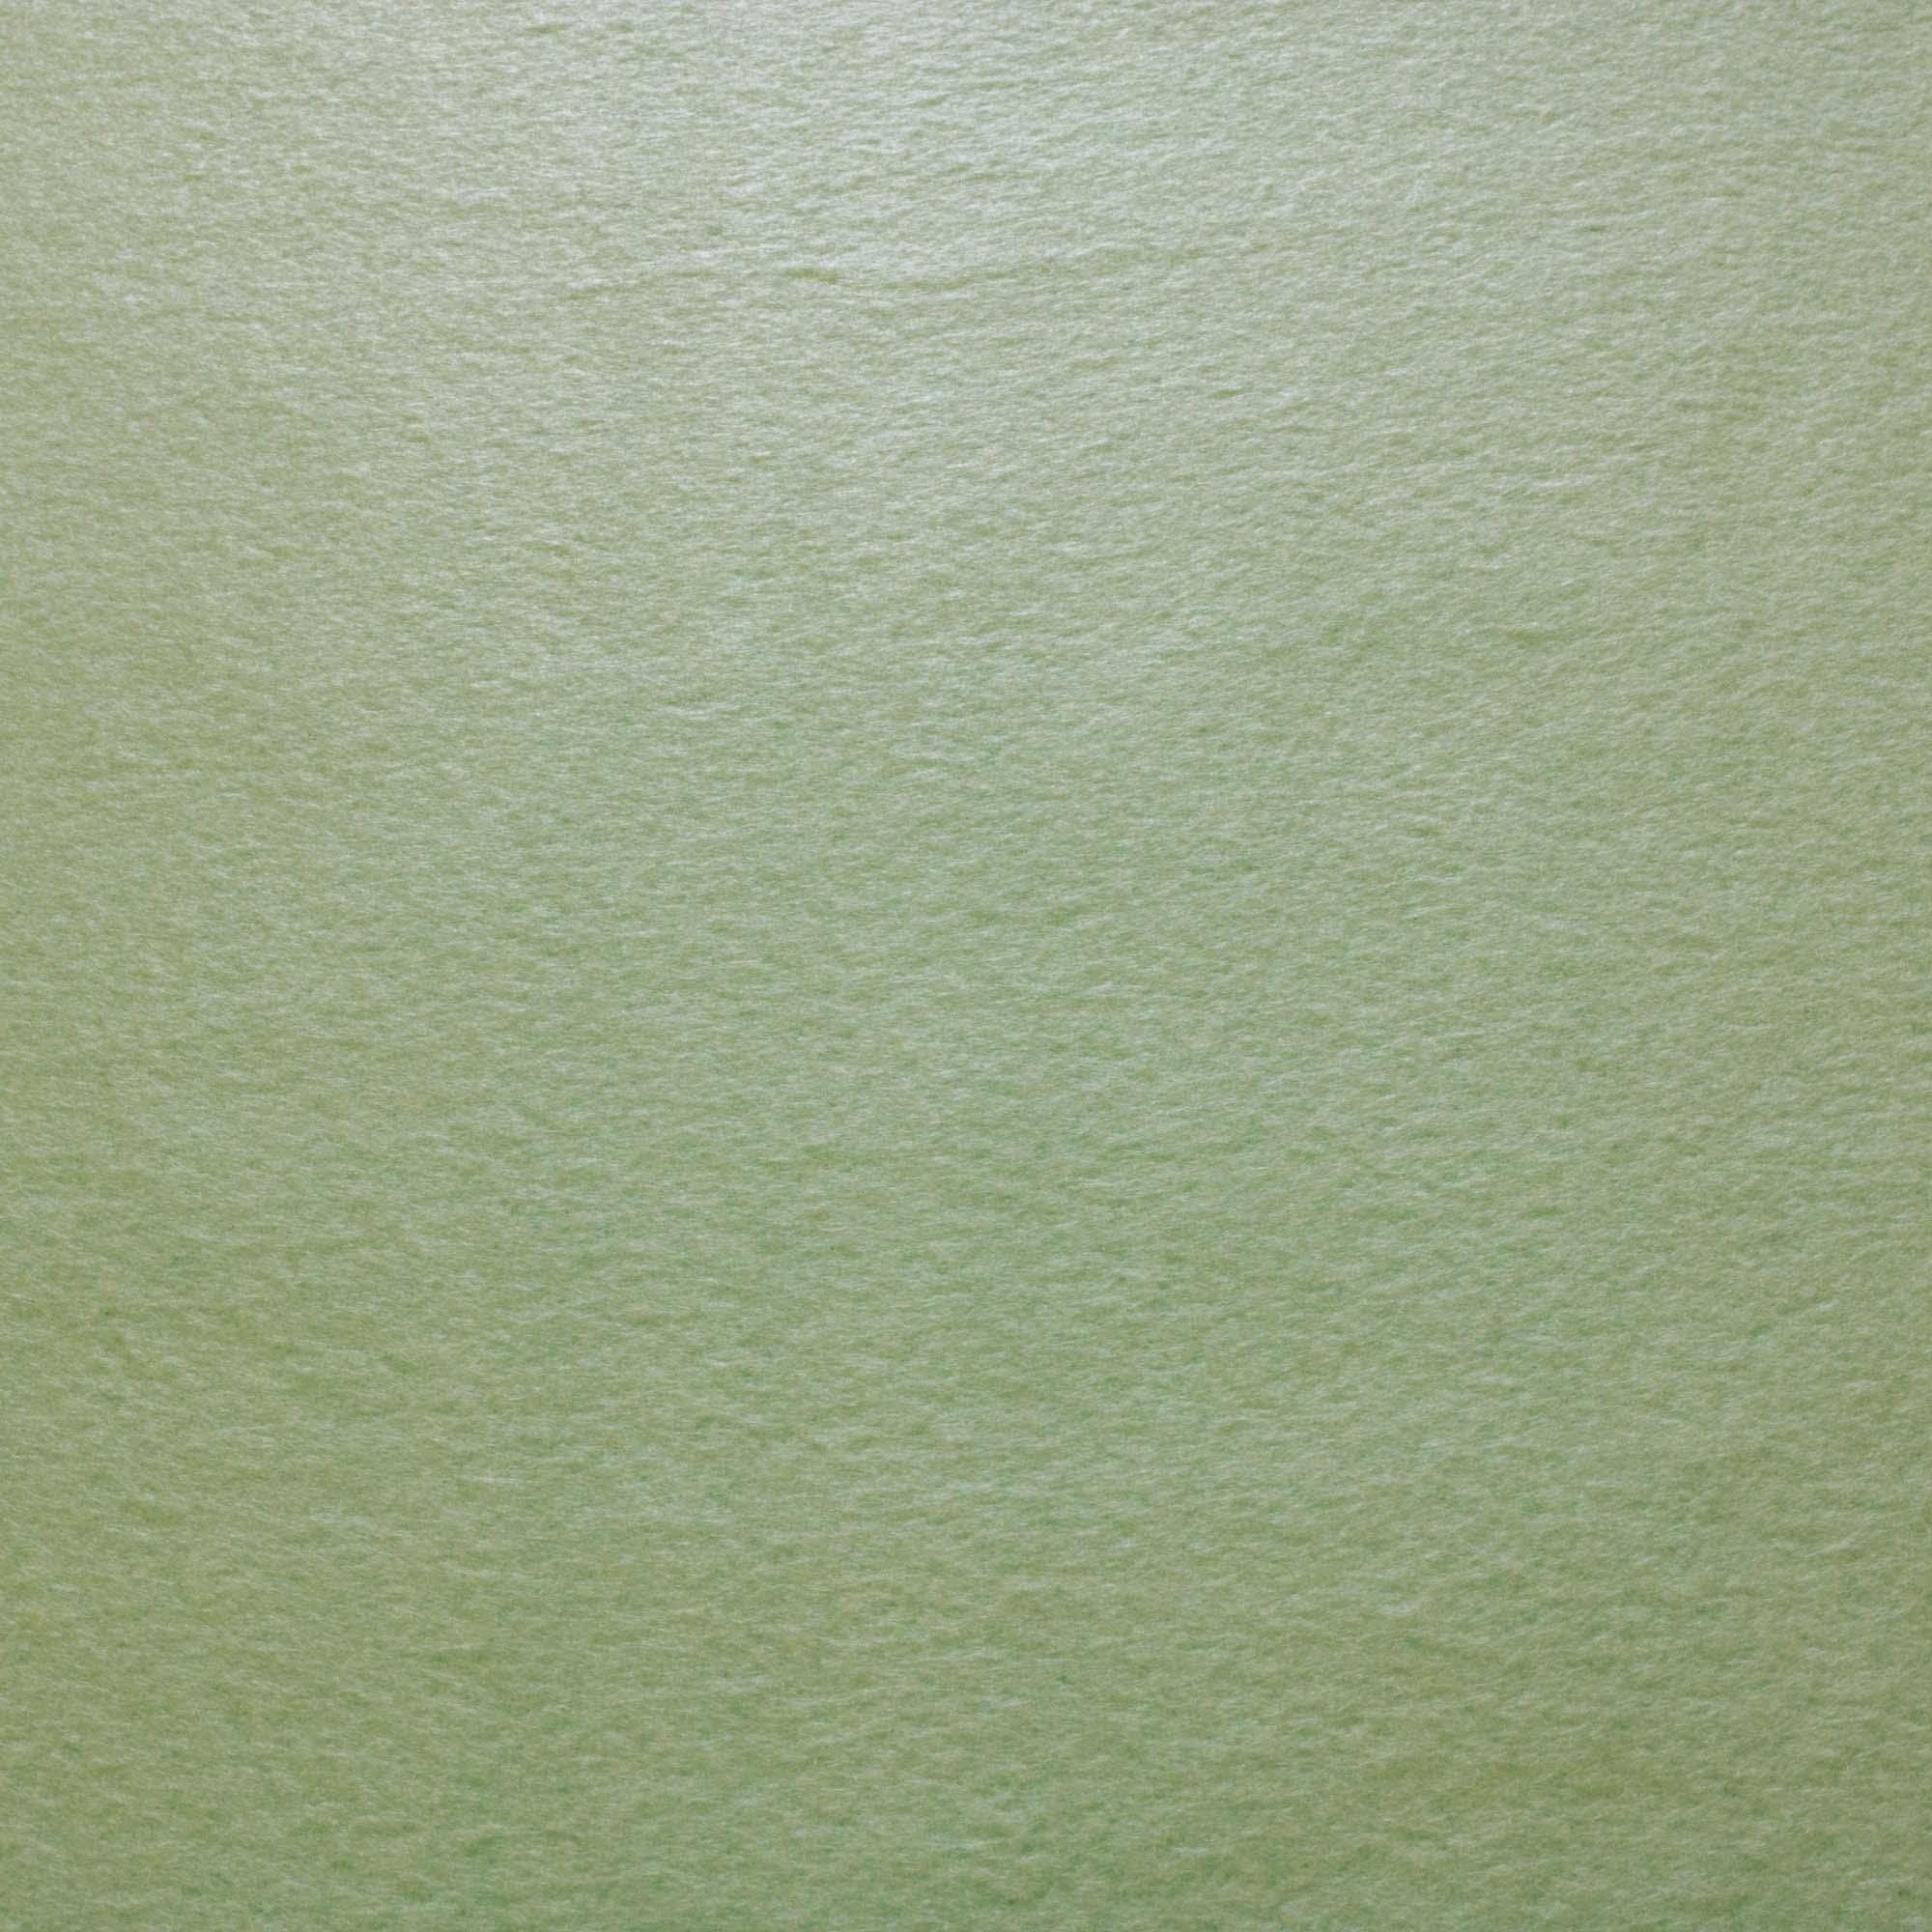 Tecido Malha Soft Verde Claro 100% Poliester 1,60 m Largura